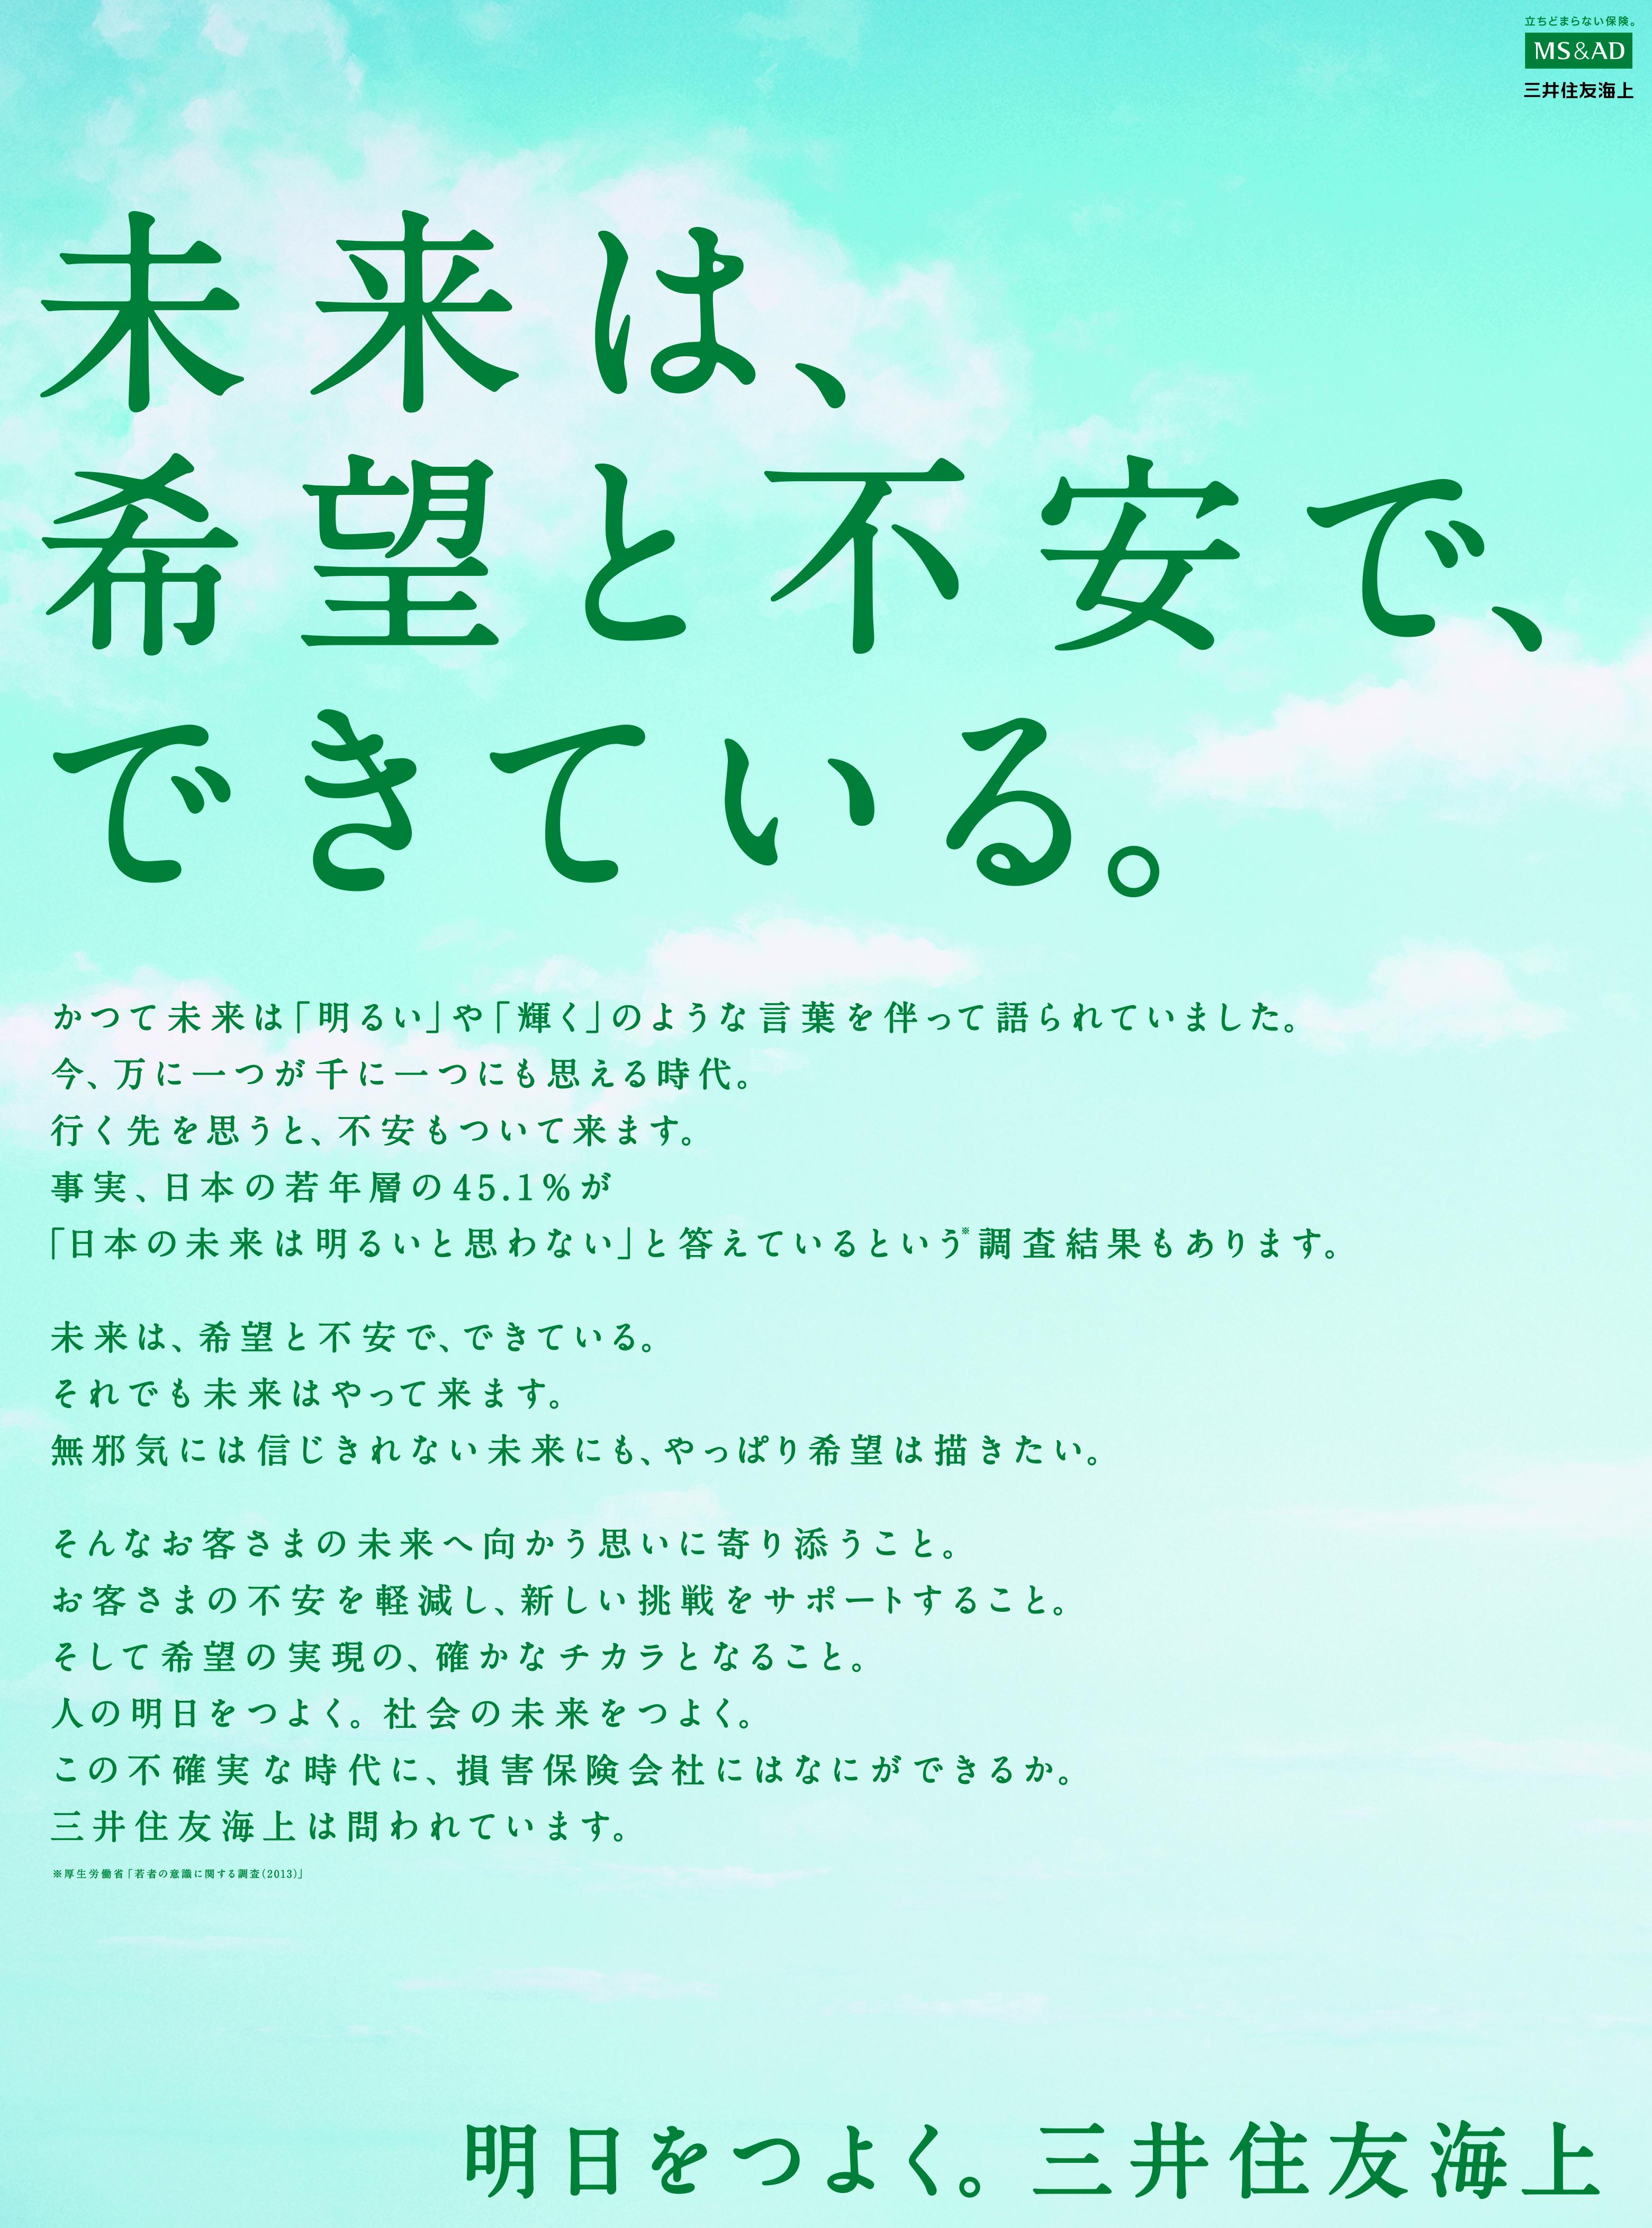 山本 高史 氏の実績2